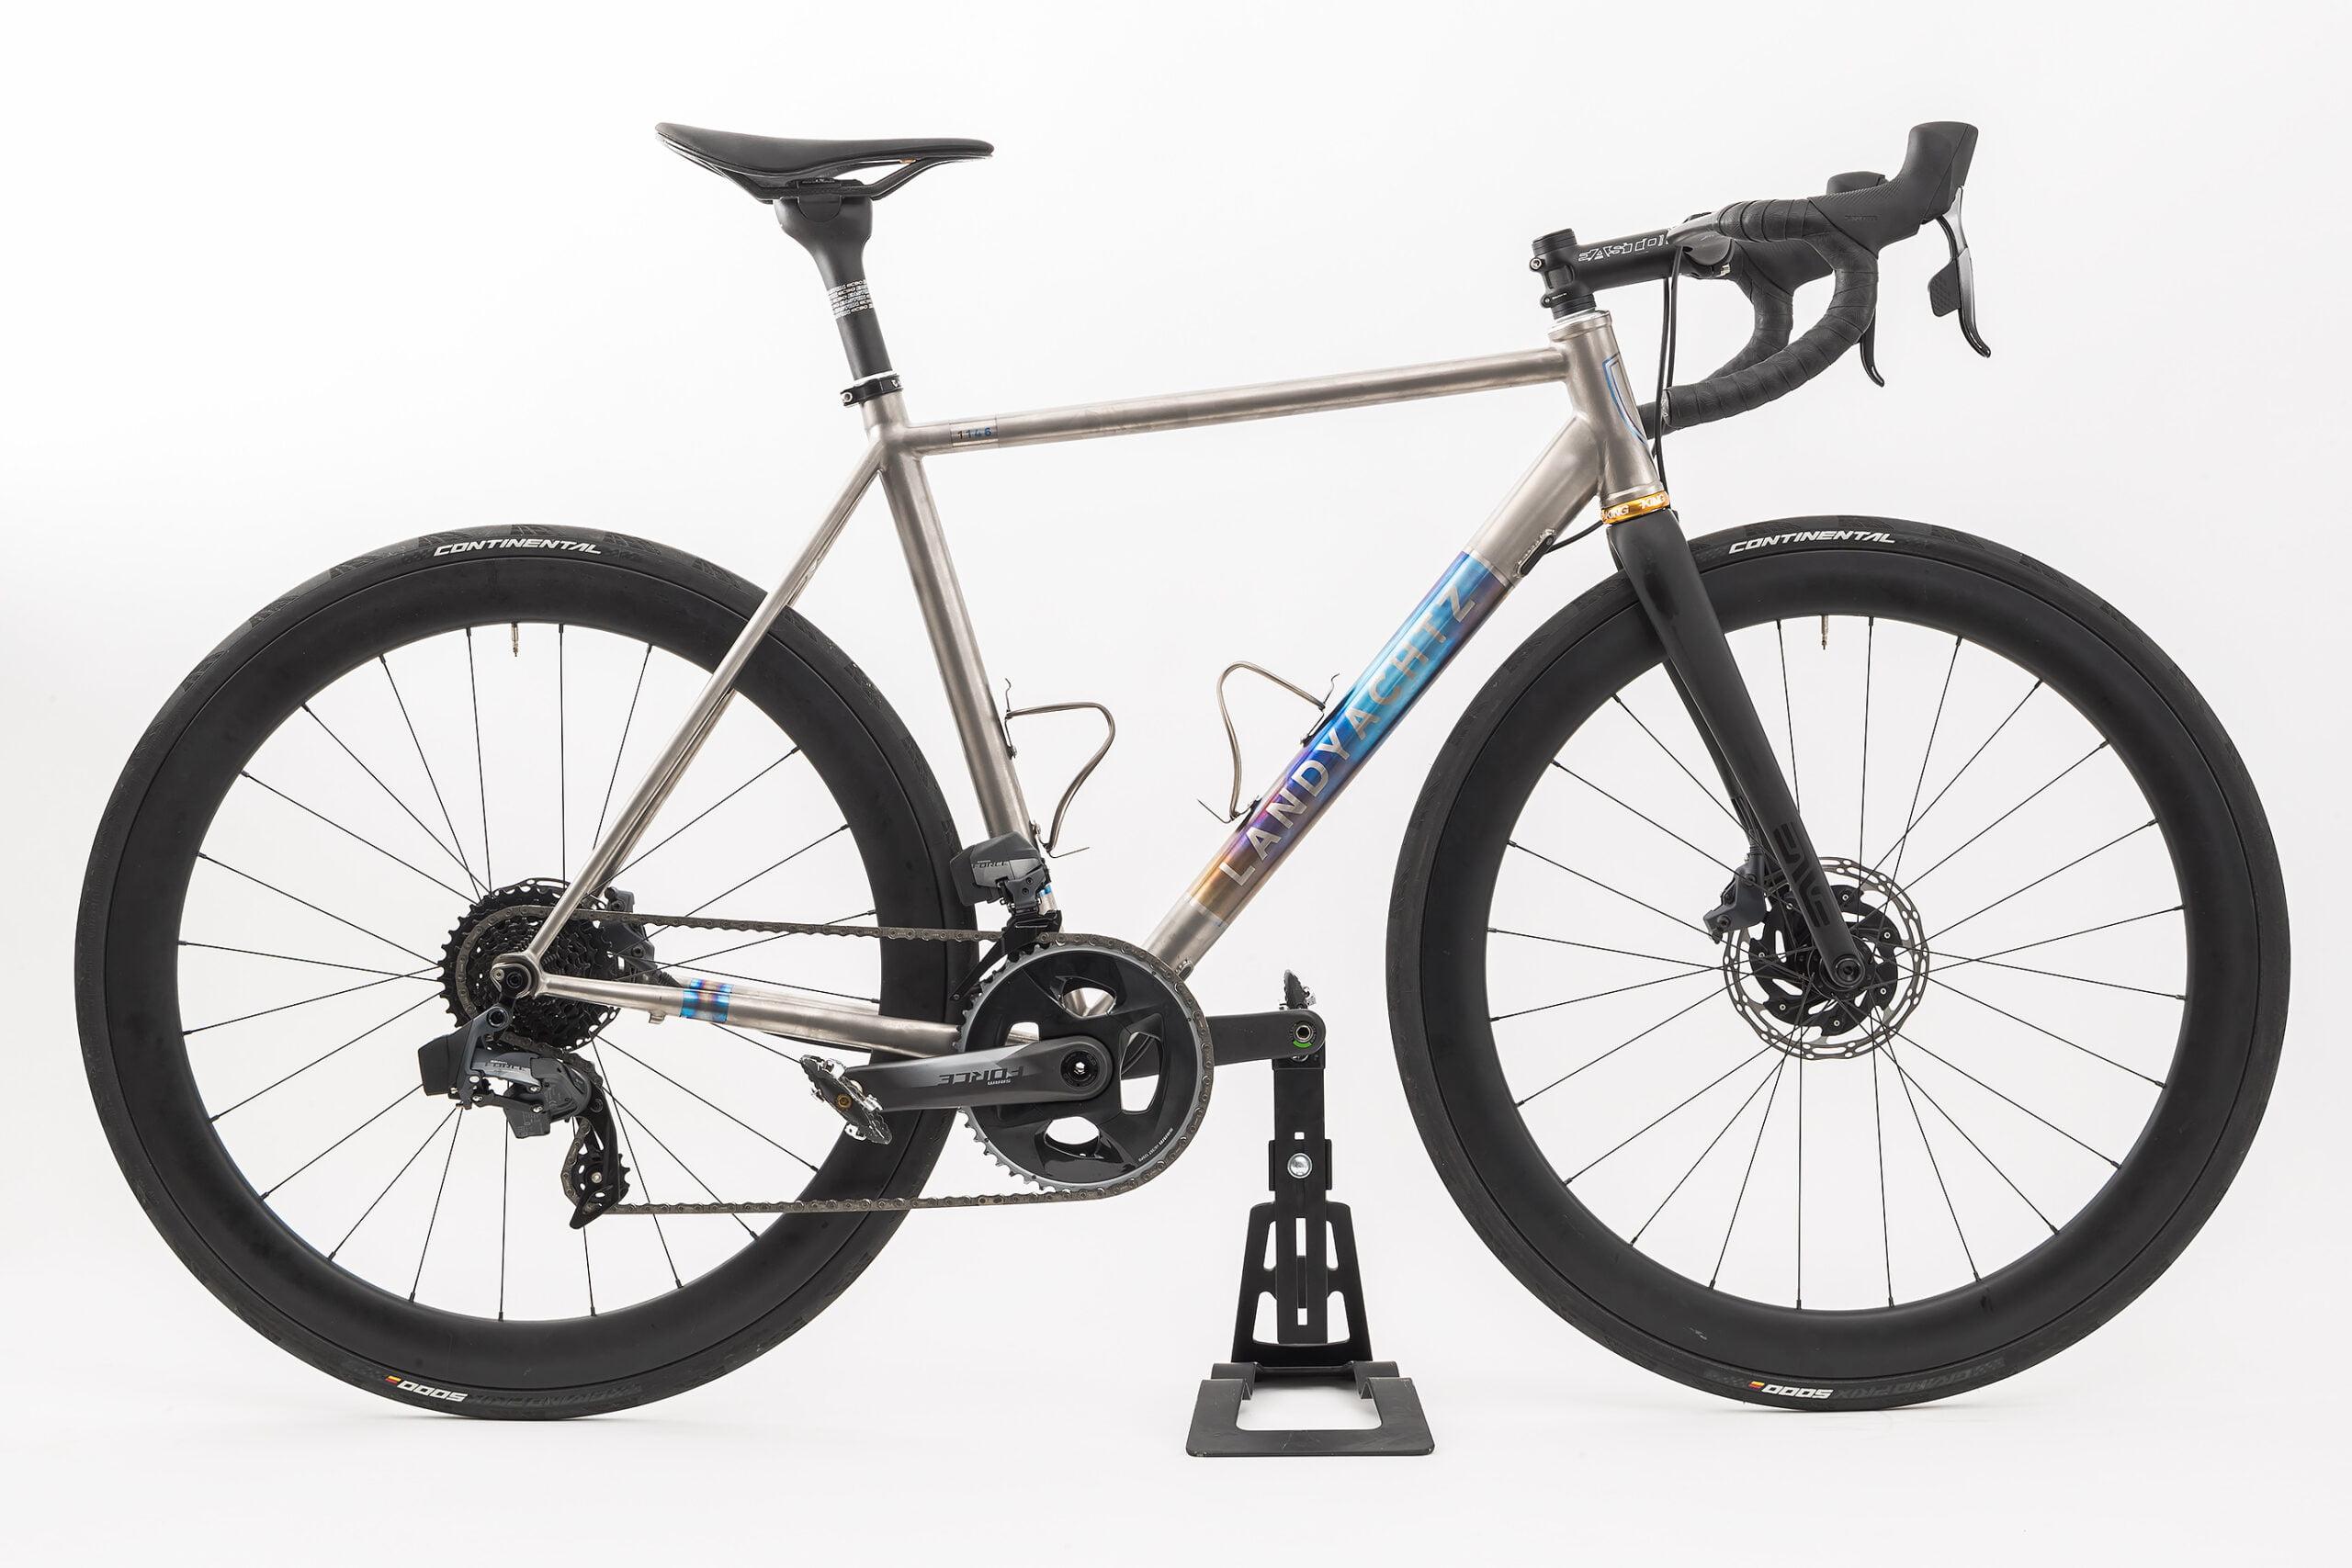 landyachtz-bikes-AD_1620